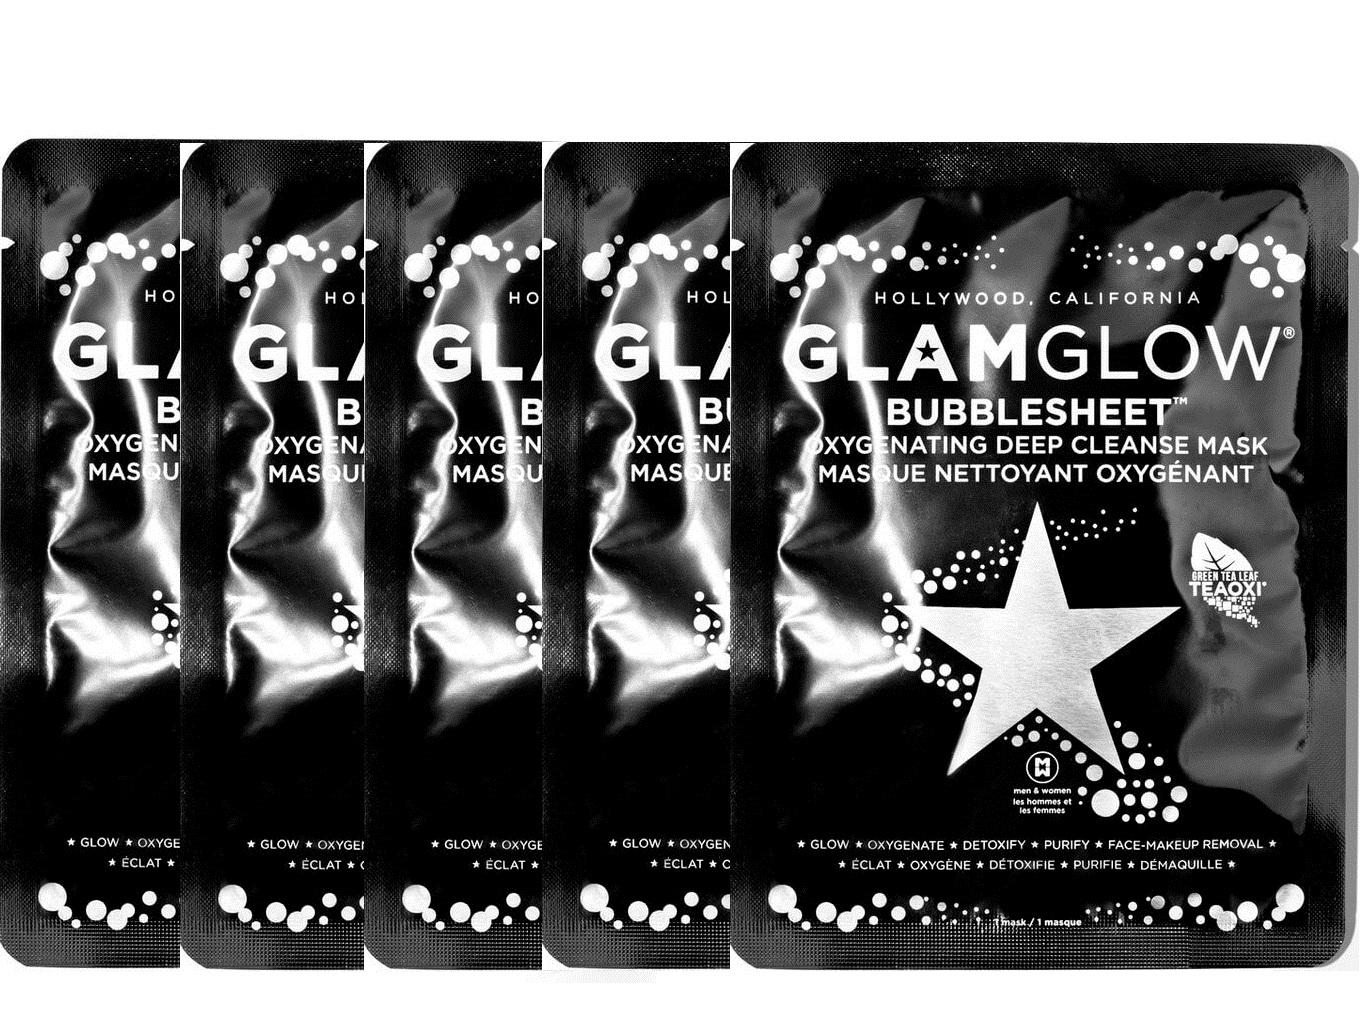 GlamGlow - 5x Bubblesheet Oxygenating Deep Cleanse Mask